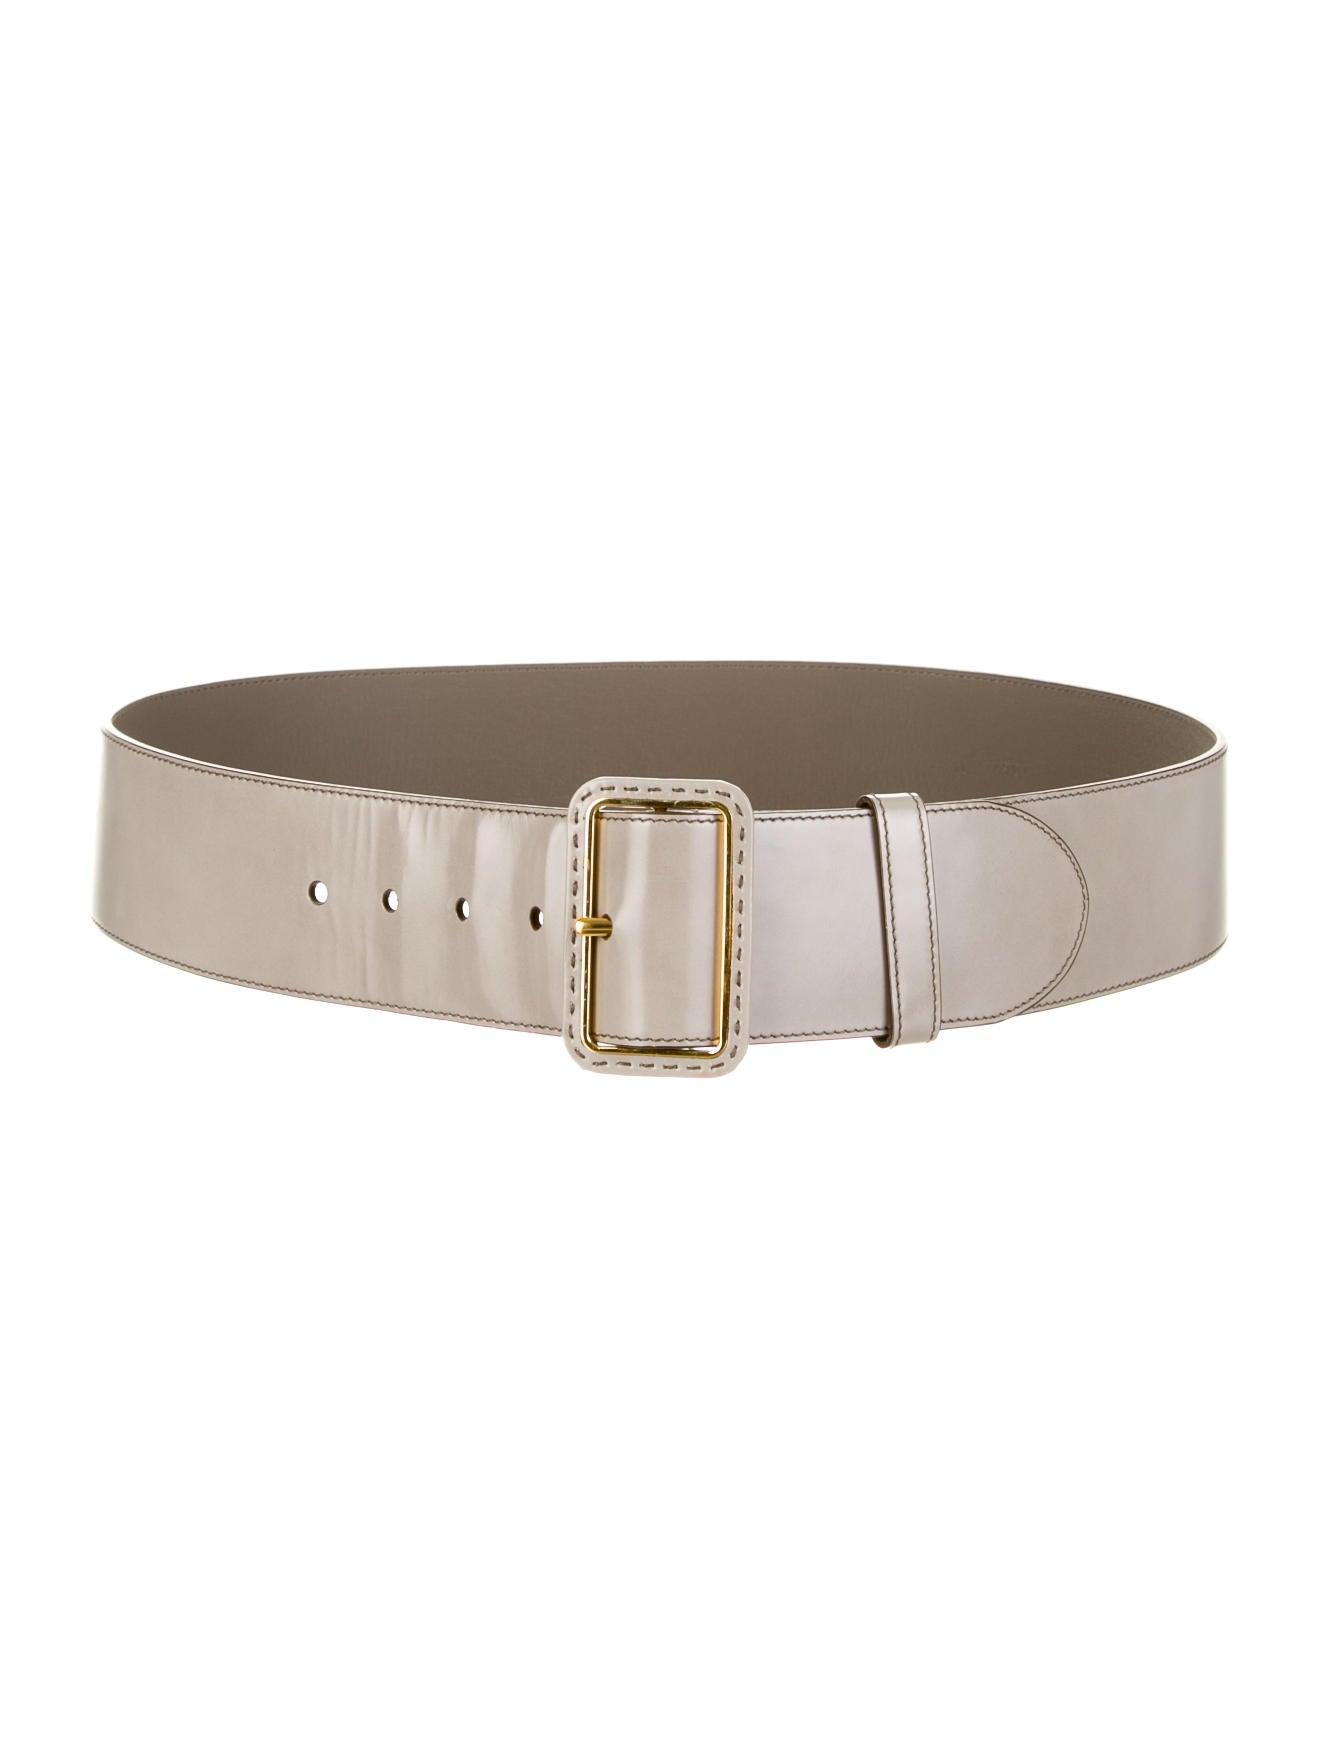 Prada Belt - Accessories - PRA42317